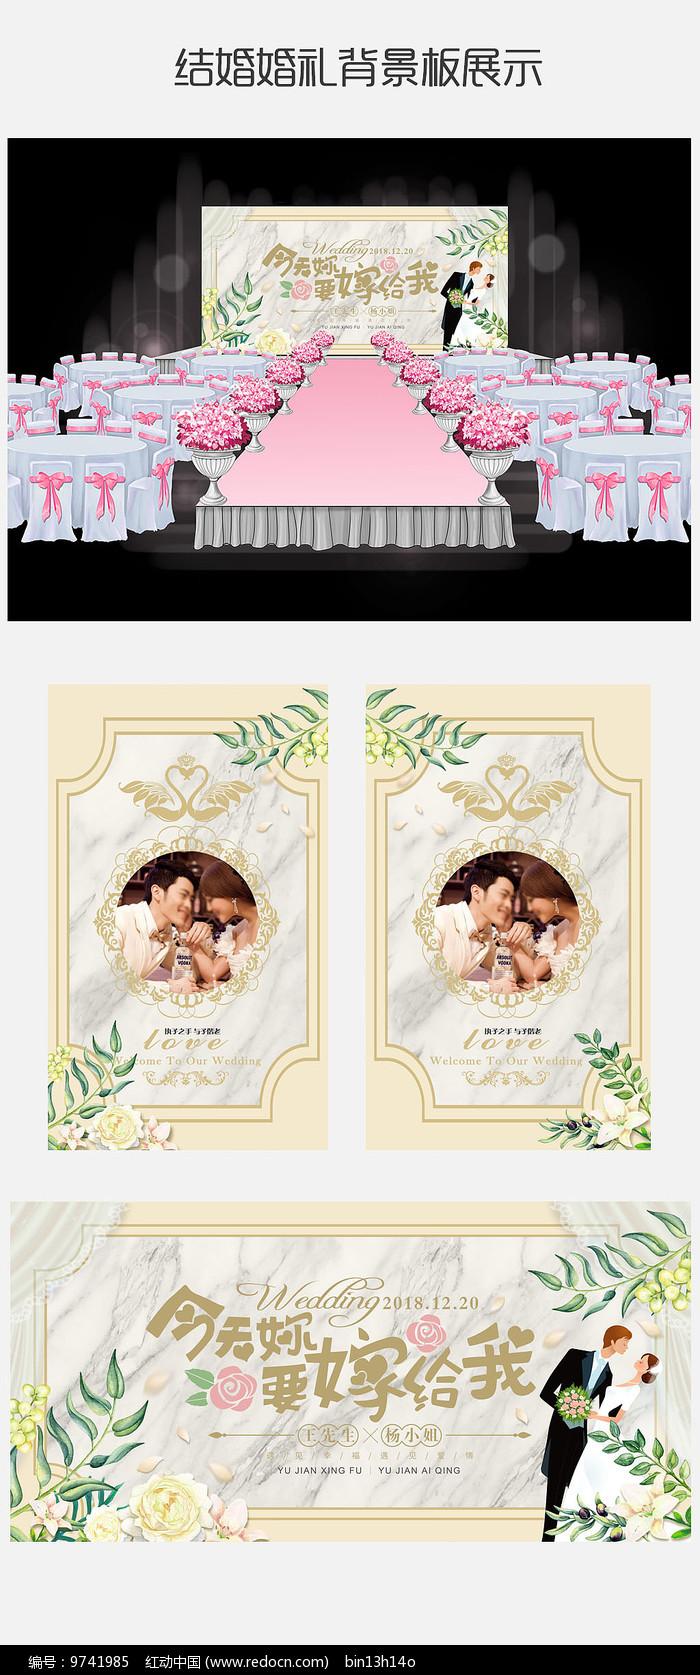 清新植草系大理石高端婚礼背景板图片